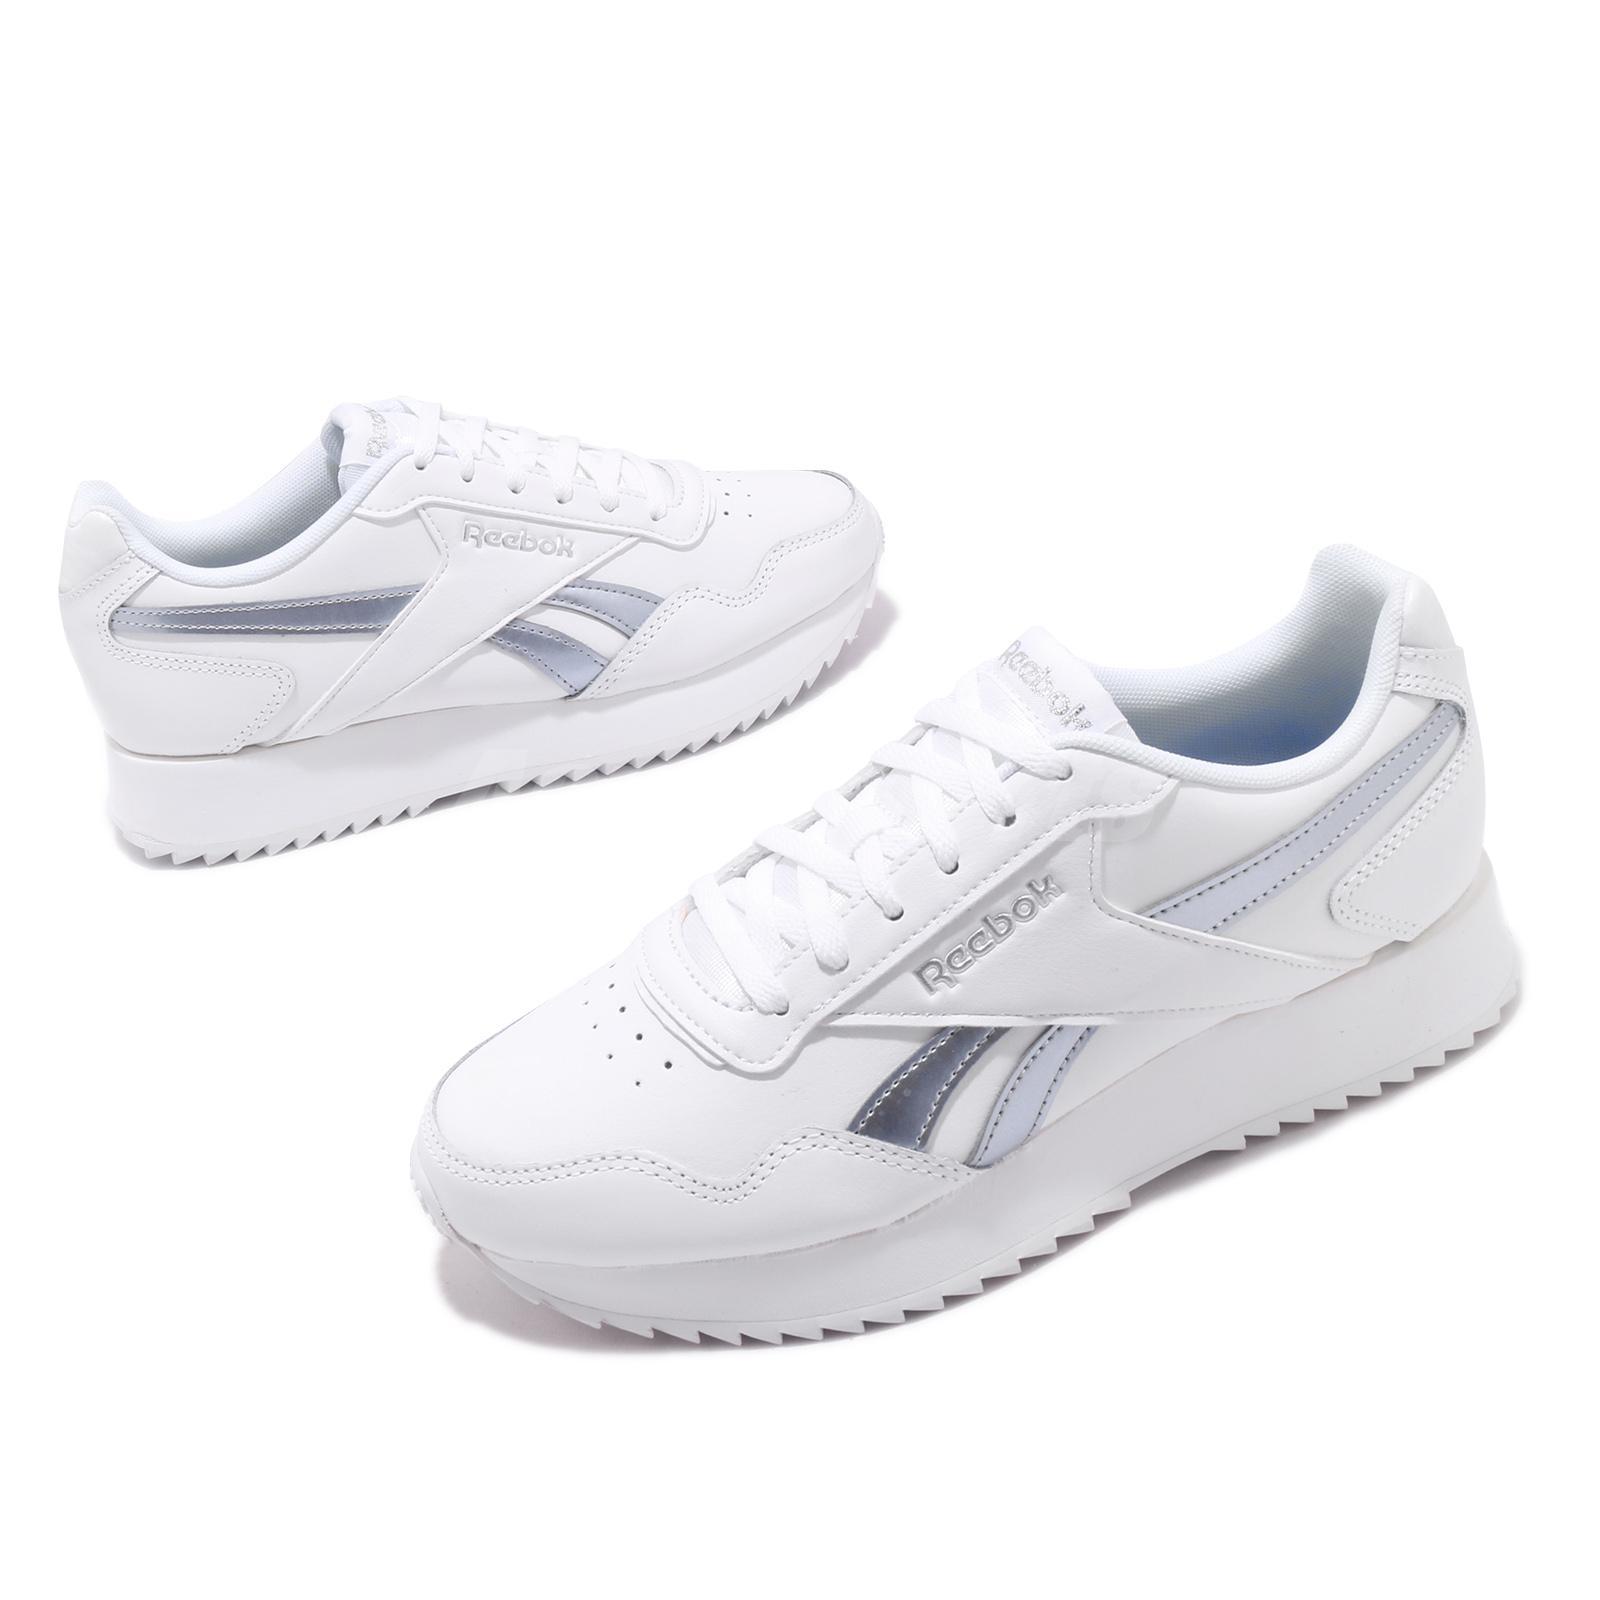 Reebok Classic Club C 85 Vintage Shoes Beige White V69406 SZ 5-12.5